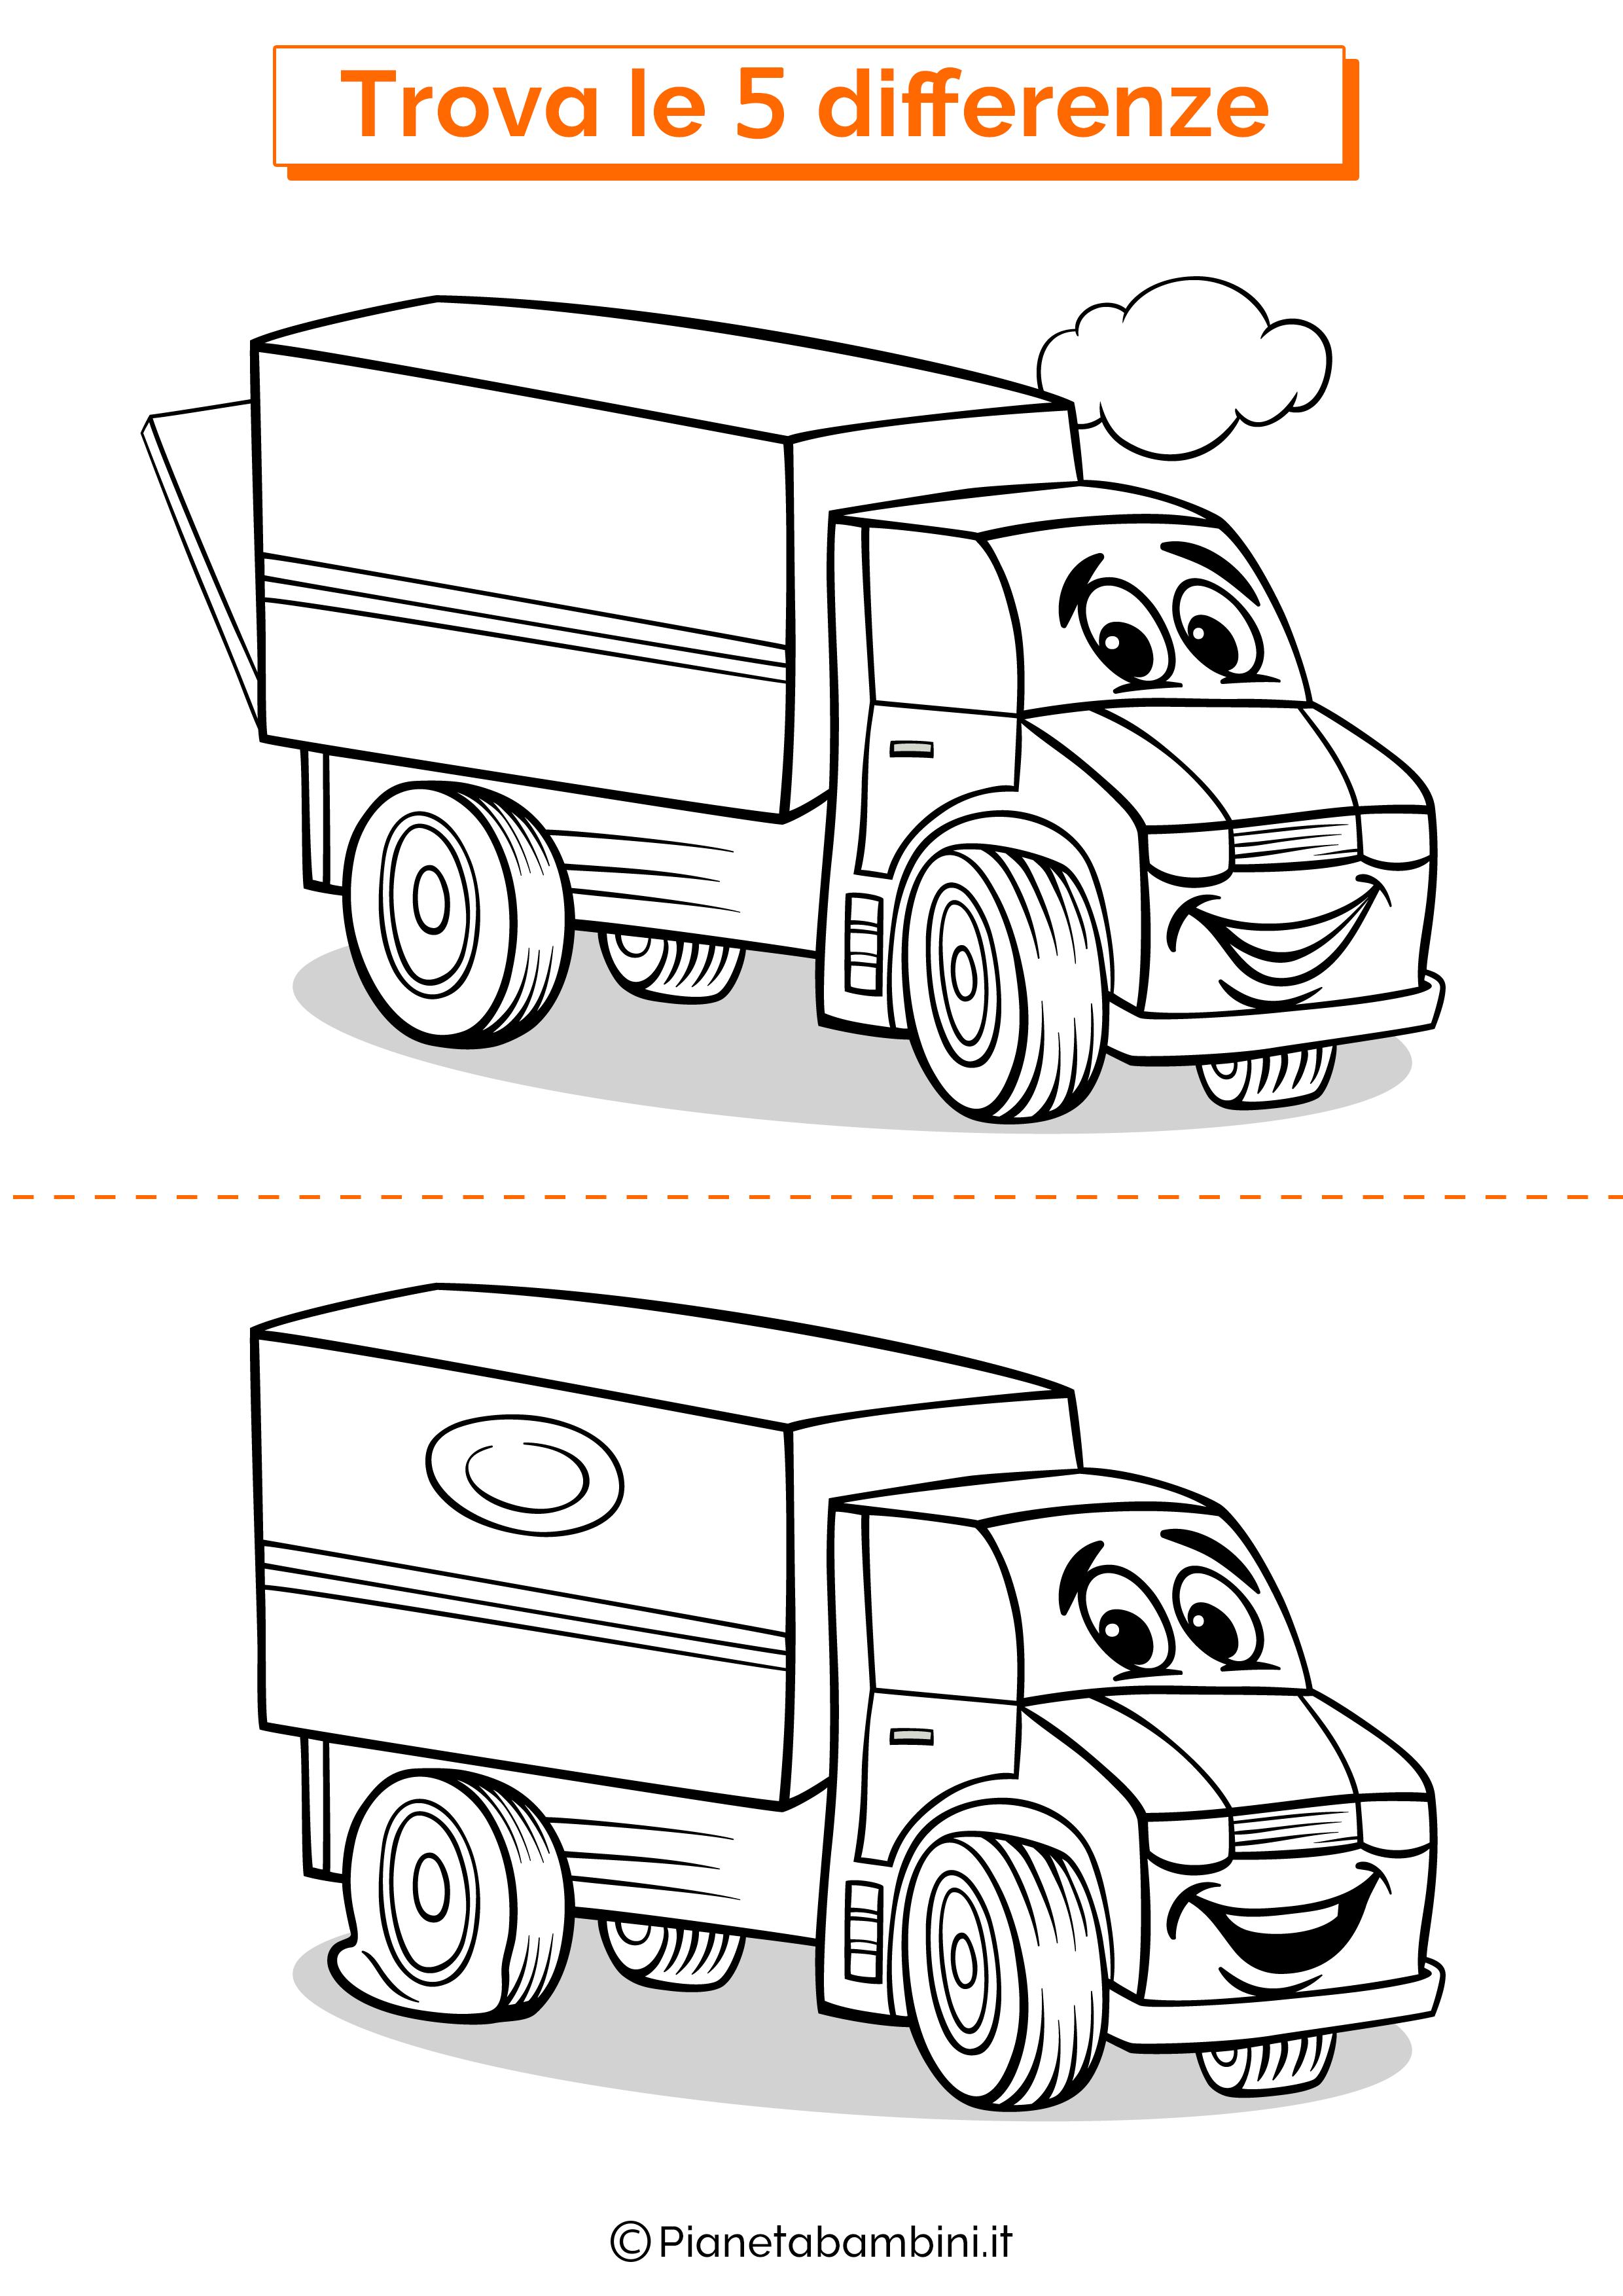 Disegno trova 5 differenze camion